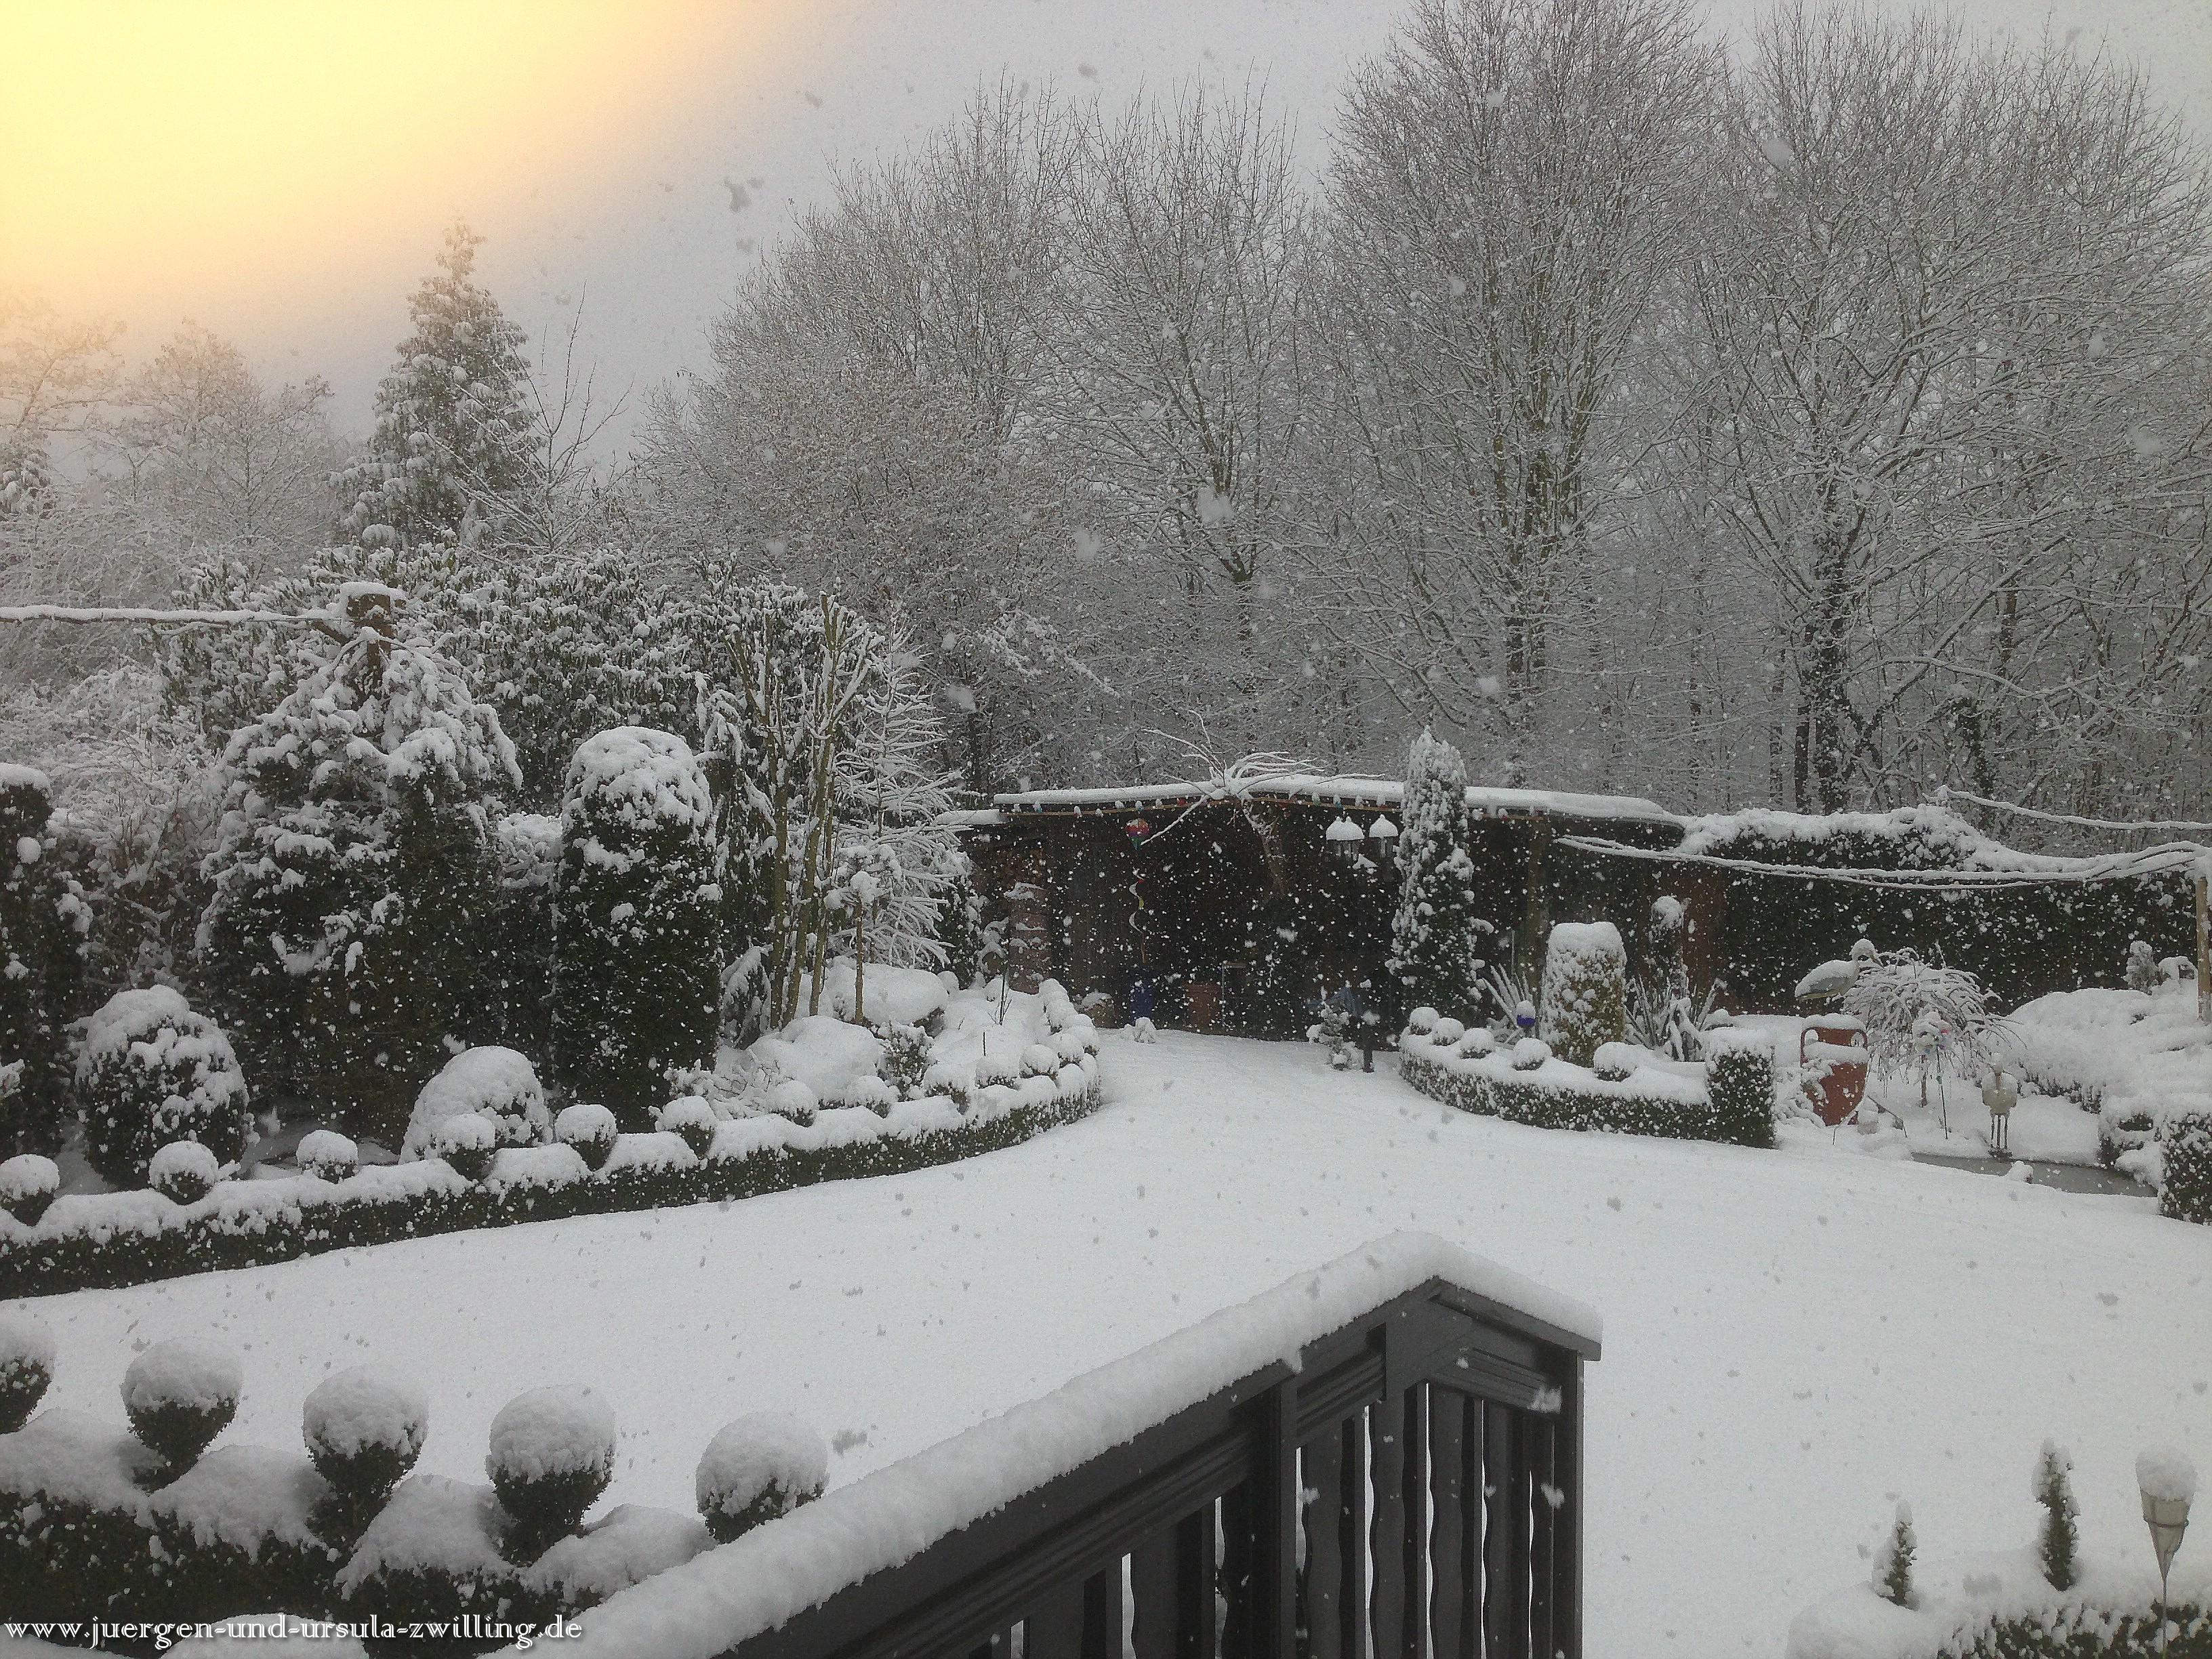 17.03.2013 Schnee ohne Ende